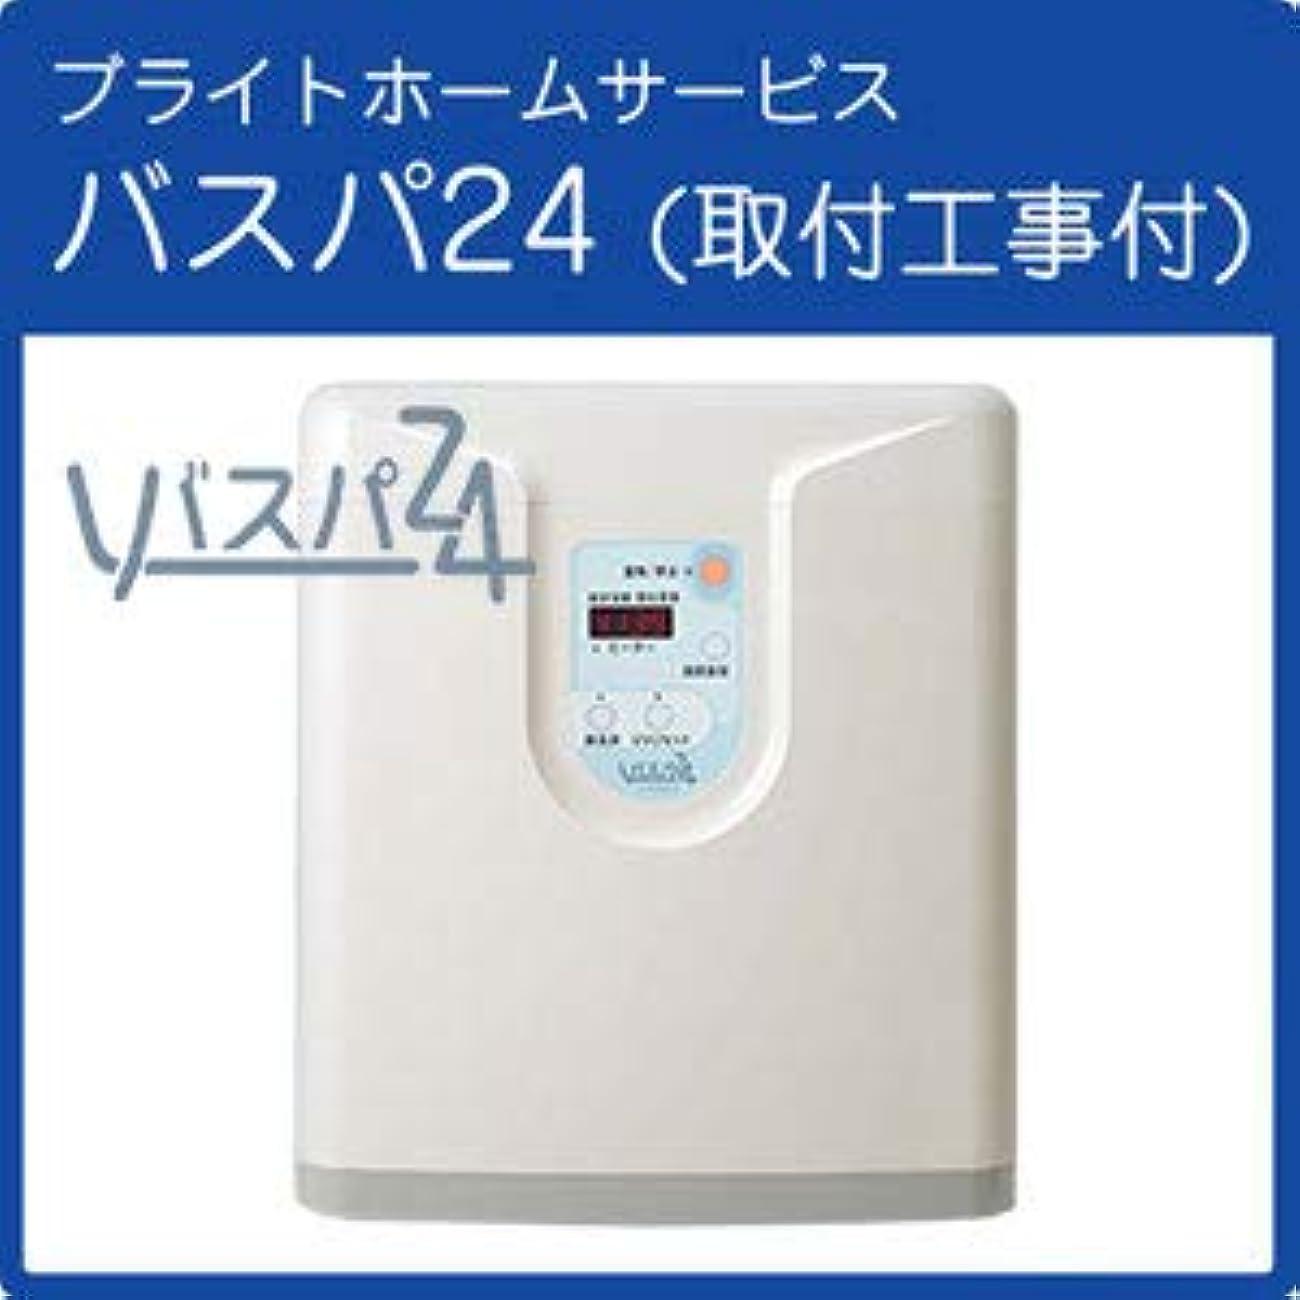 締める忍耐モードリンブライトホームサービス 24時間風呂 循環温浴器 バスパ24 BHS-02B お取付工事付